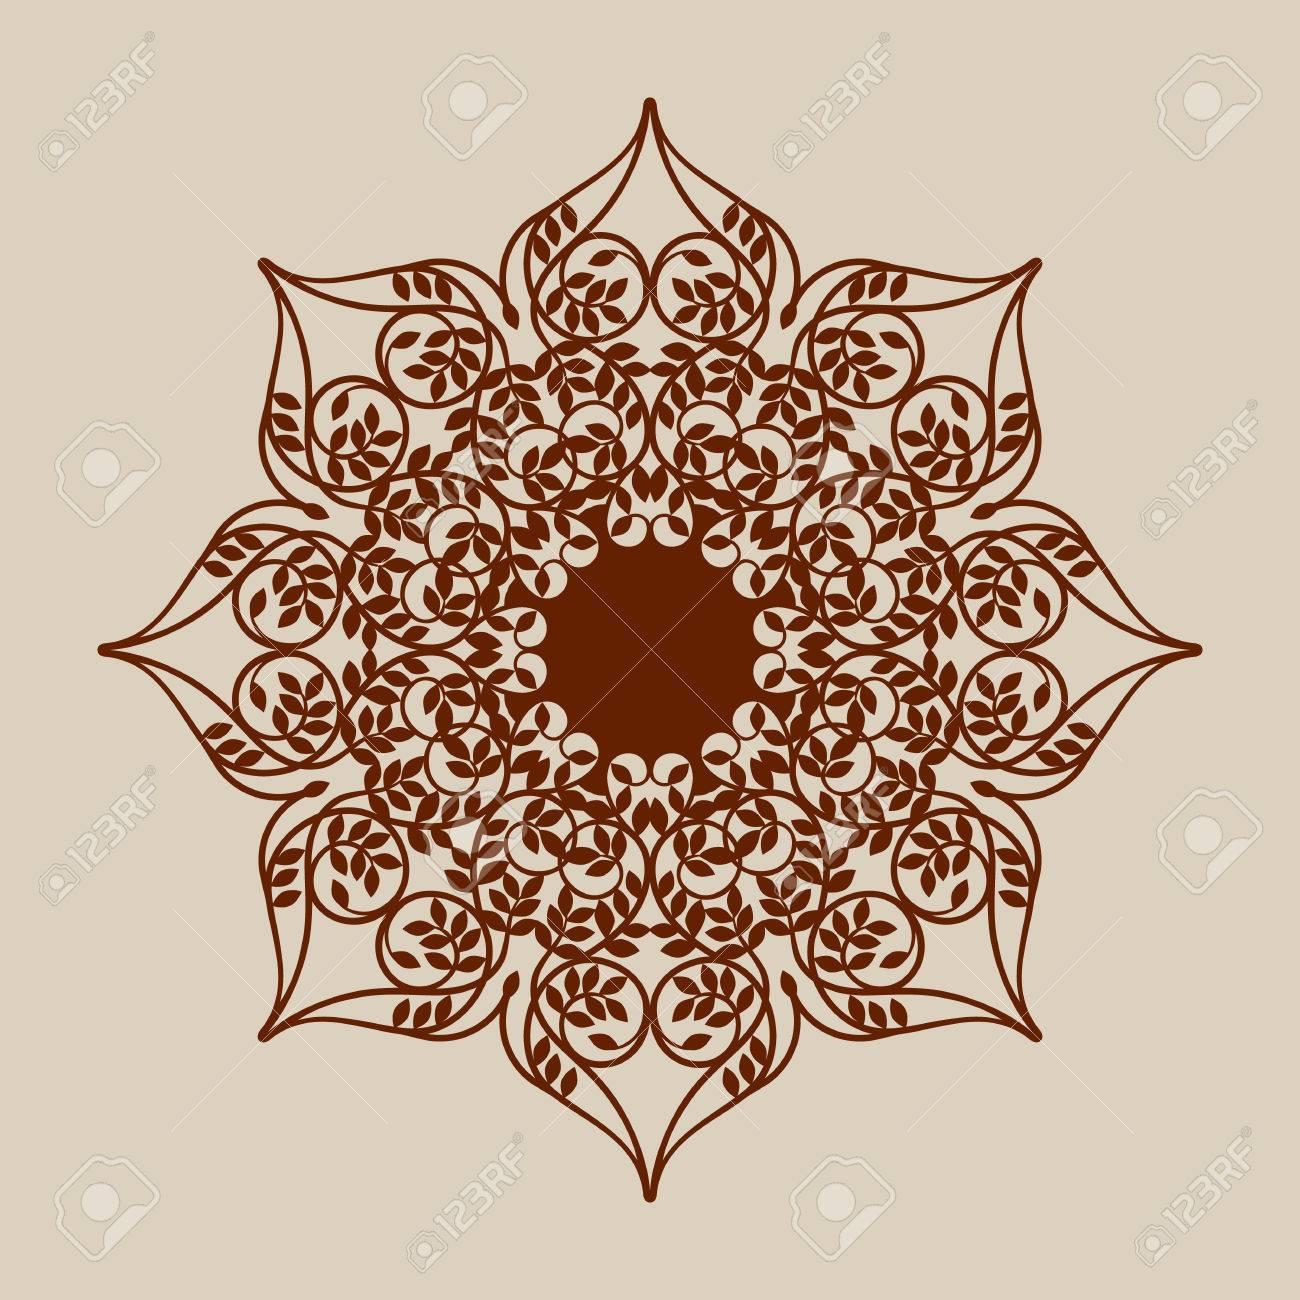 El Patrón De Plantilla Mandala De Roseta Decorativa. Una Imagen ...